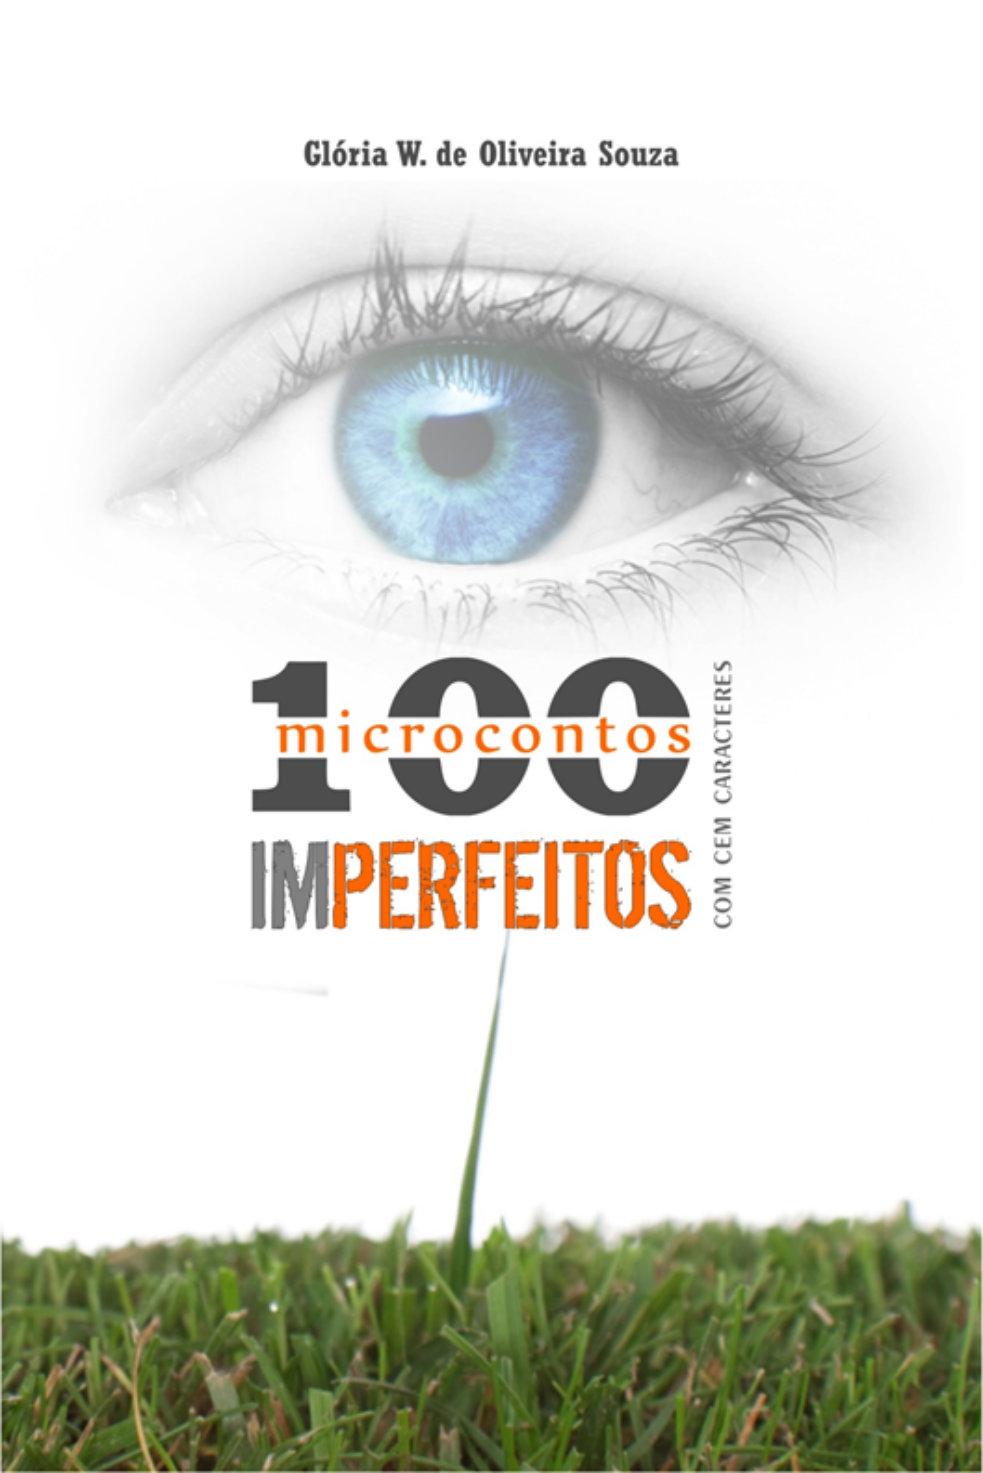 CEM MICROCONTOS IMPERFEITOS COM CEM CARACTERES